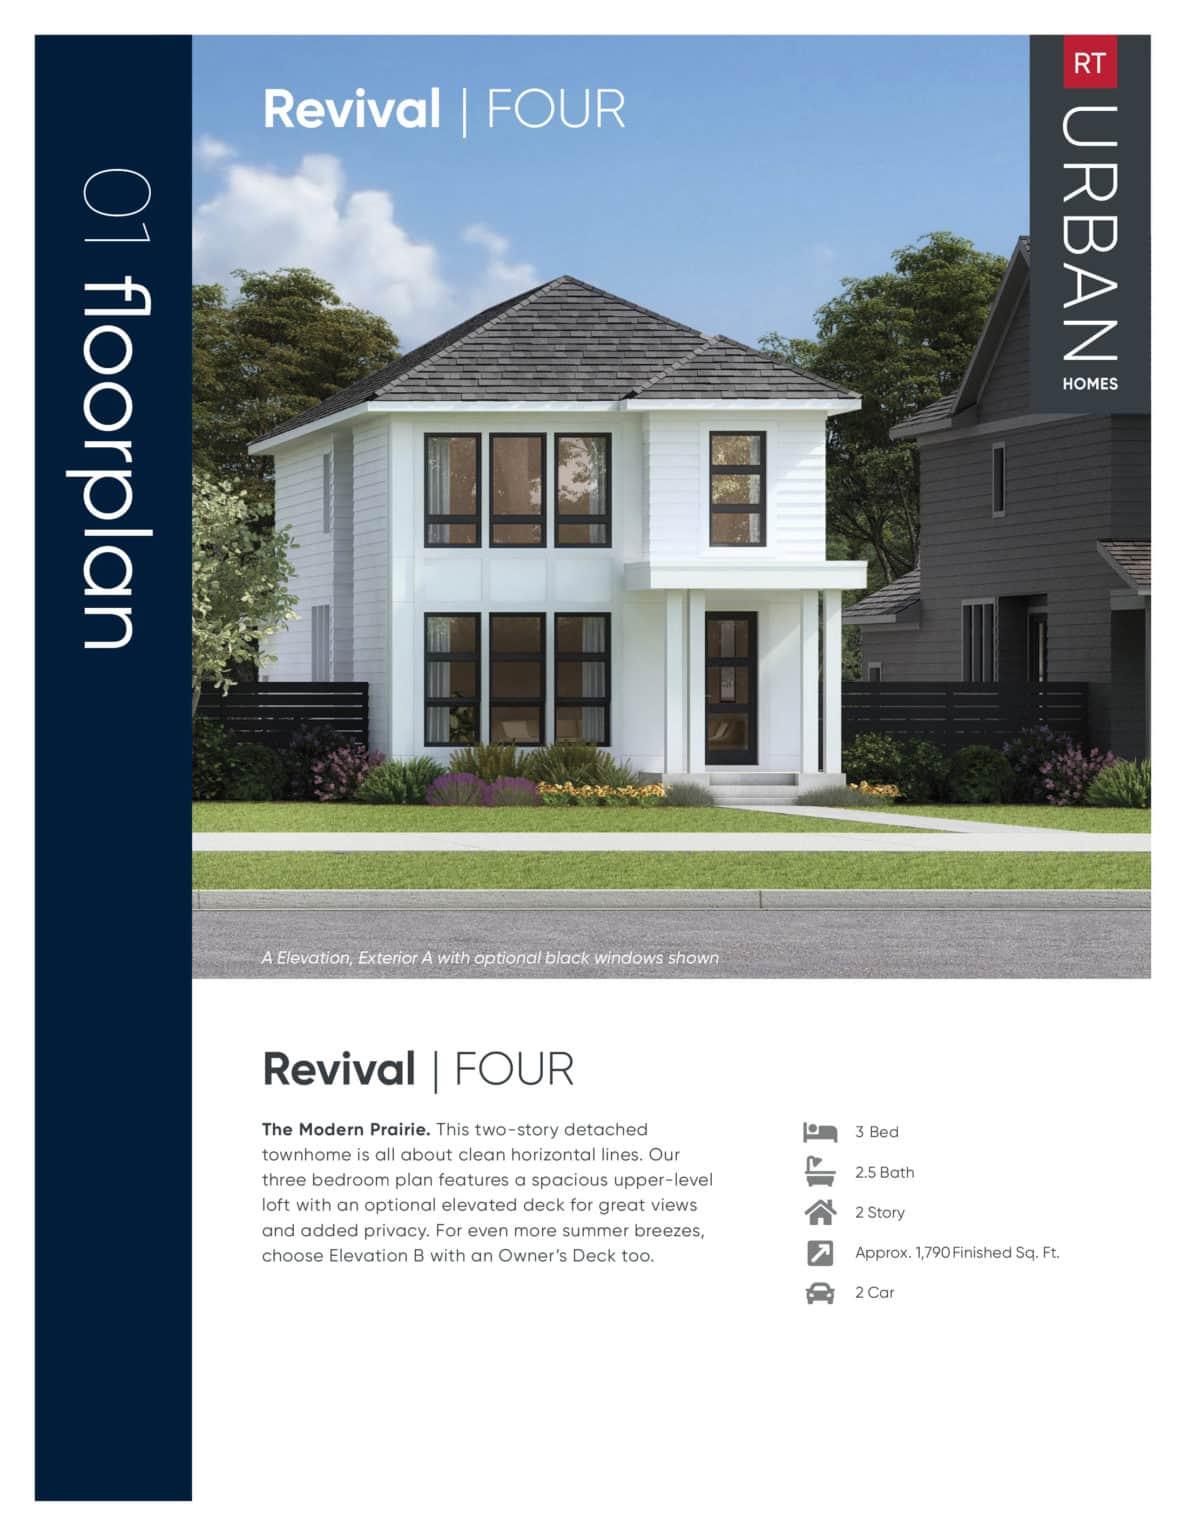 Revival FOUR Floorplan Handout_022820_page 1